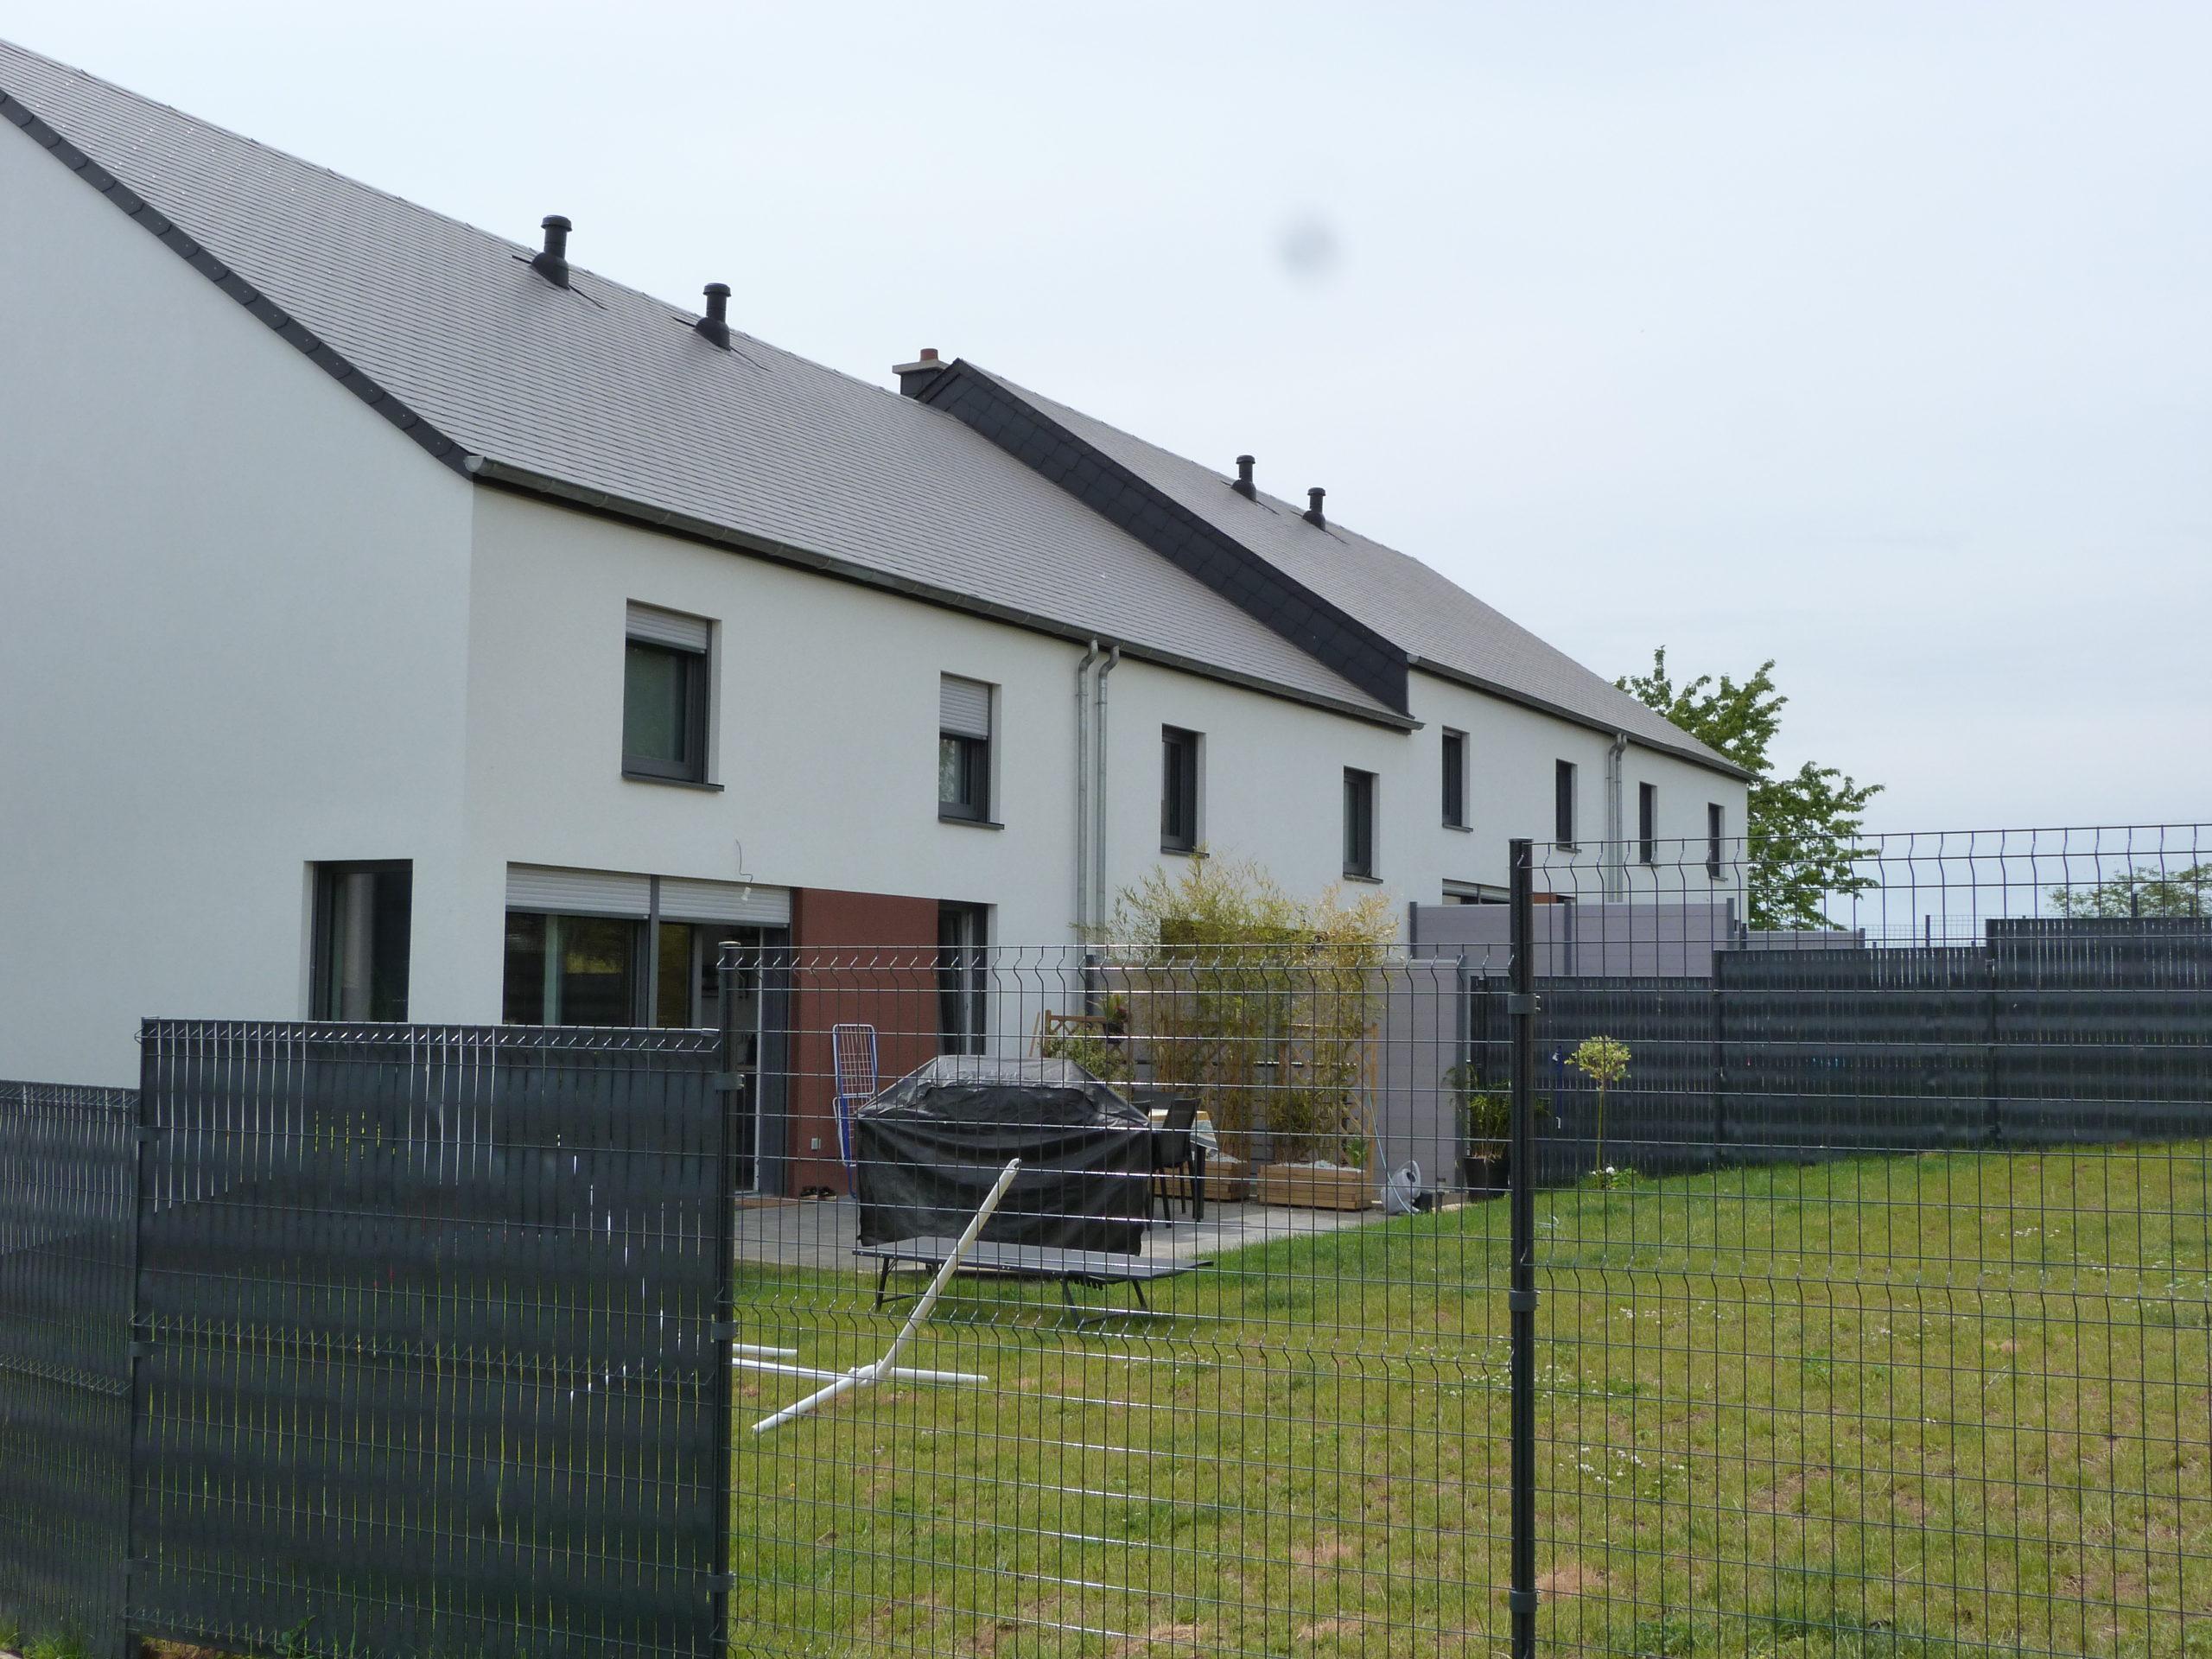 résidence Aix sur Cloie 2 1 scaled